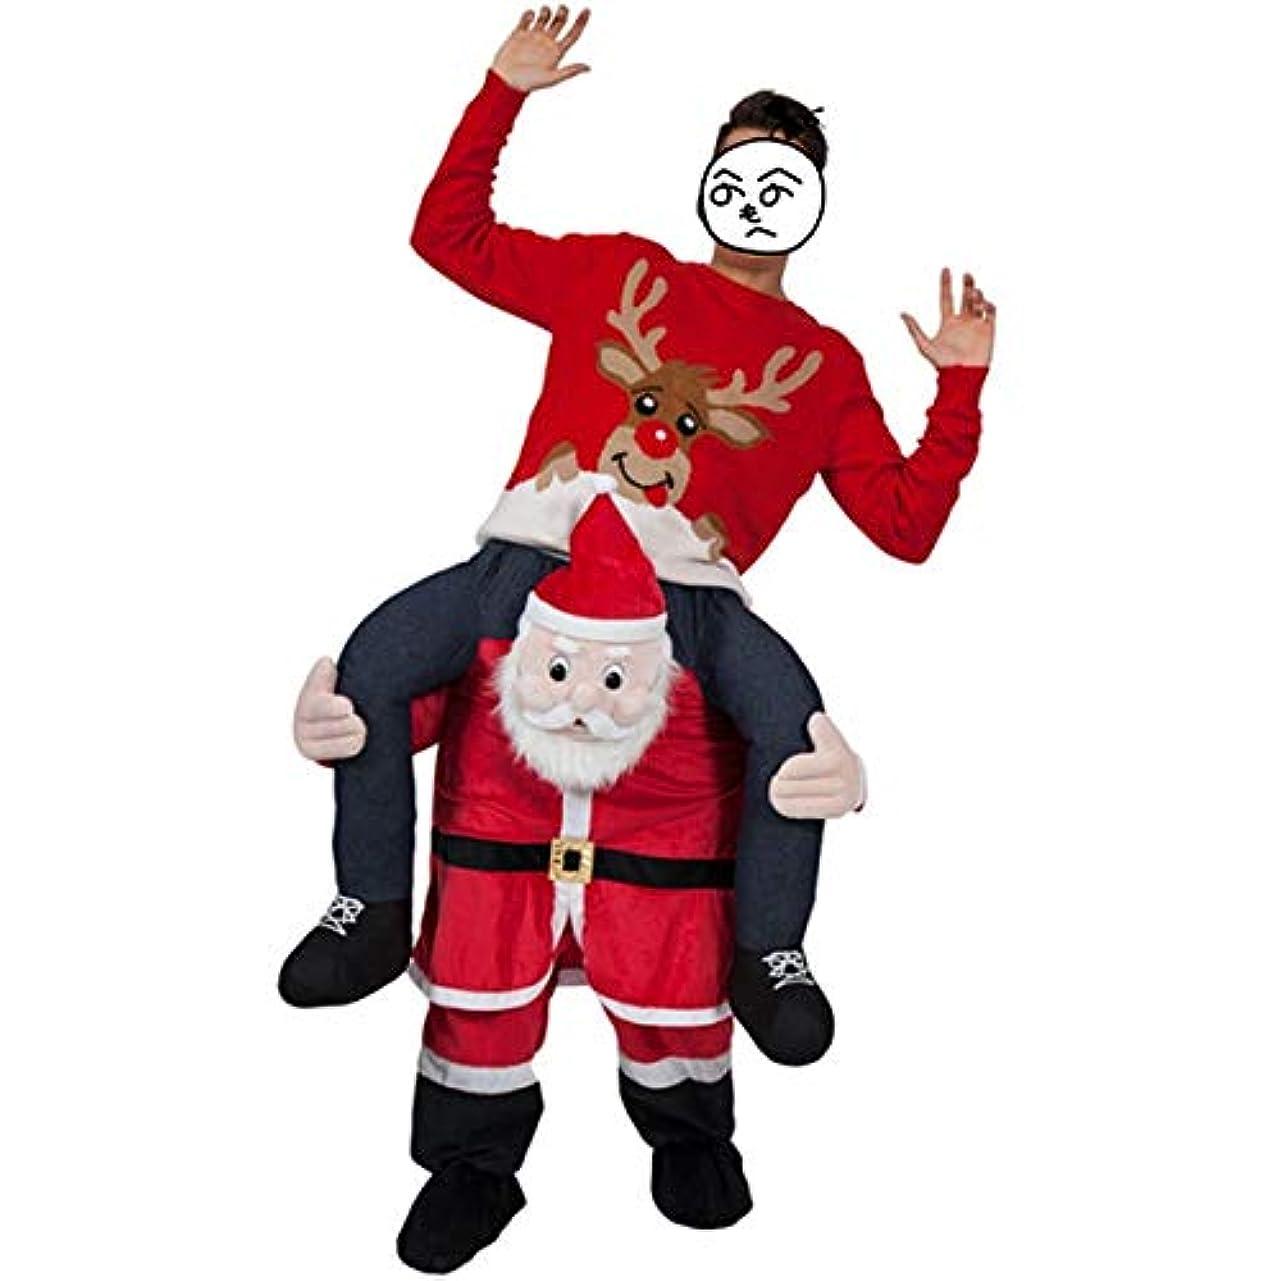 活気づくひどくオーガニック着ぐるみ 大人用 Inlagom 仮装 コスチューム キャラクター ハロウィン クリスマス 仮装パーティ 忘年会 新年会 コスプレ衣装 学園祭り 文化祭り 余興 注目 動物 雪だるま 小人 サンタクロース 大人 メンズ レディース 男女共用 面白い サンタ